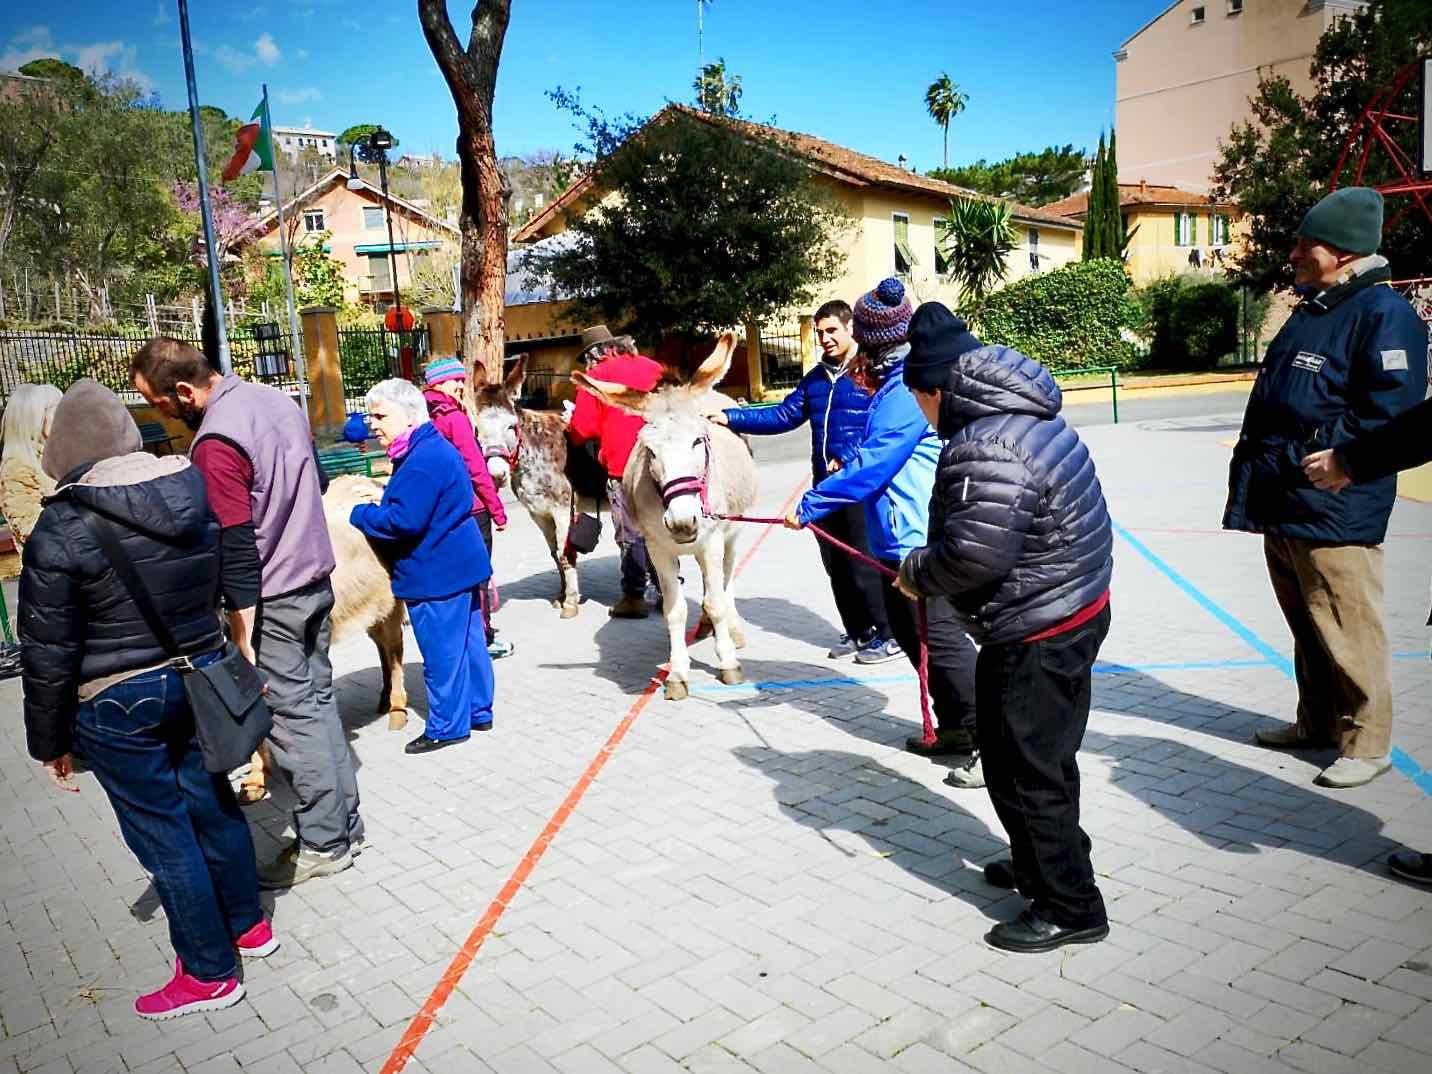 L'Area della Disabilità del Centro Acquarone all'iniziativa L'asino accogliente... per bambini piccini e altra gente di Santa Margherita Ligure - 5